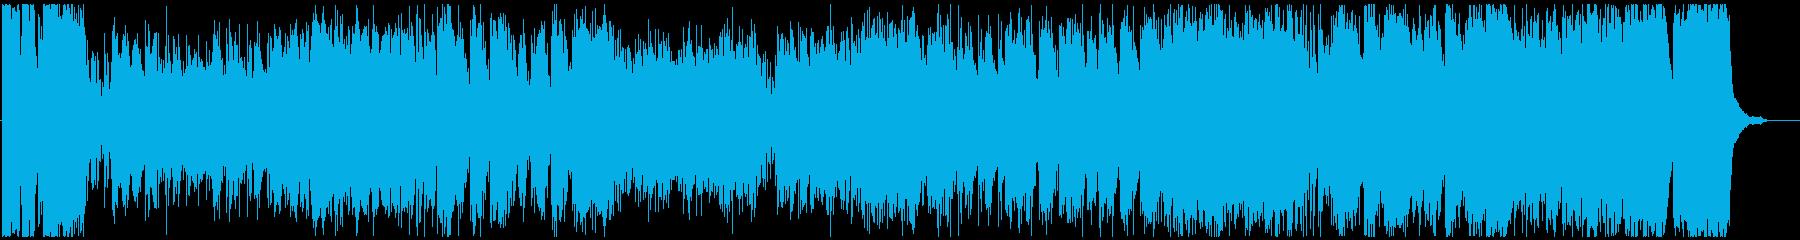 ワクワクするオーケストラのファンファーレの再生済みの波形